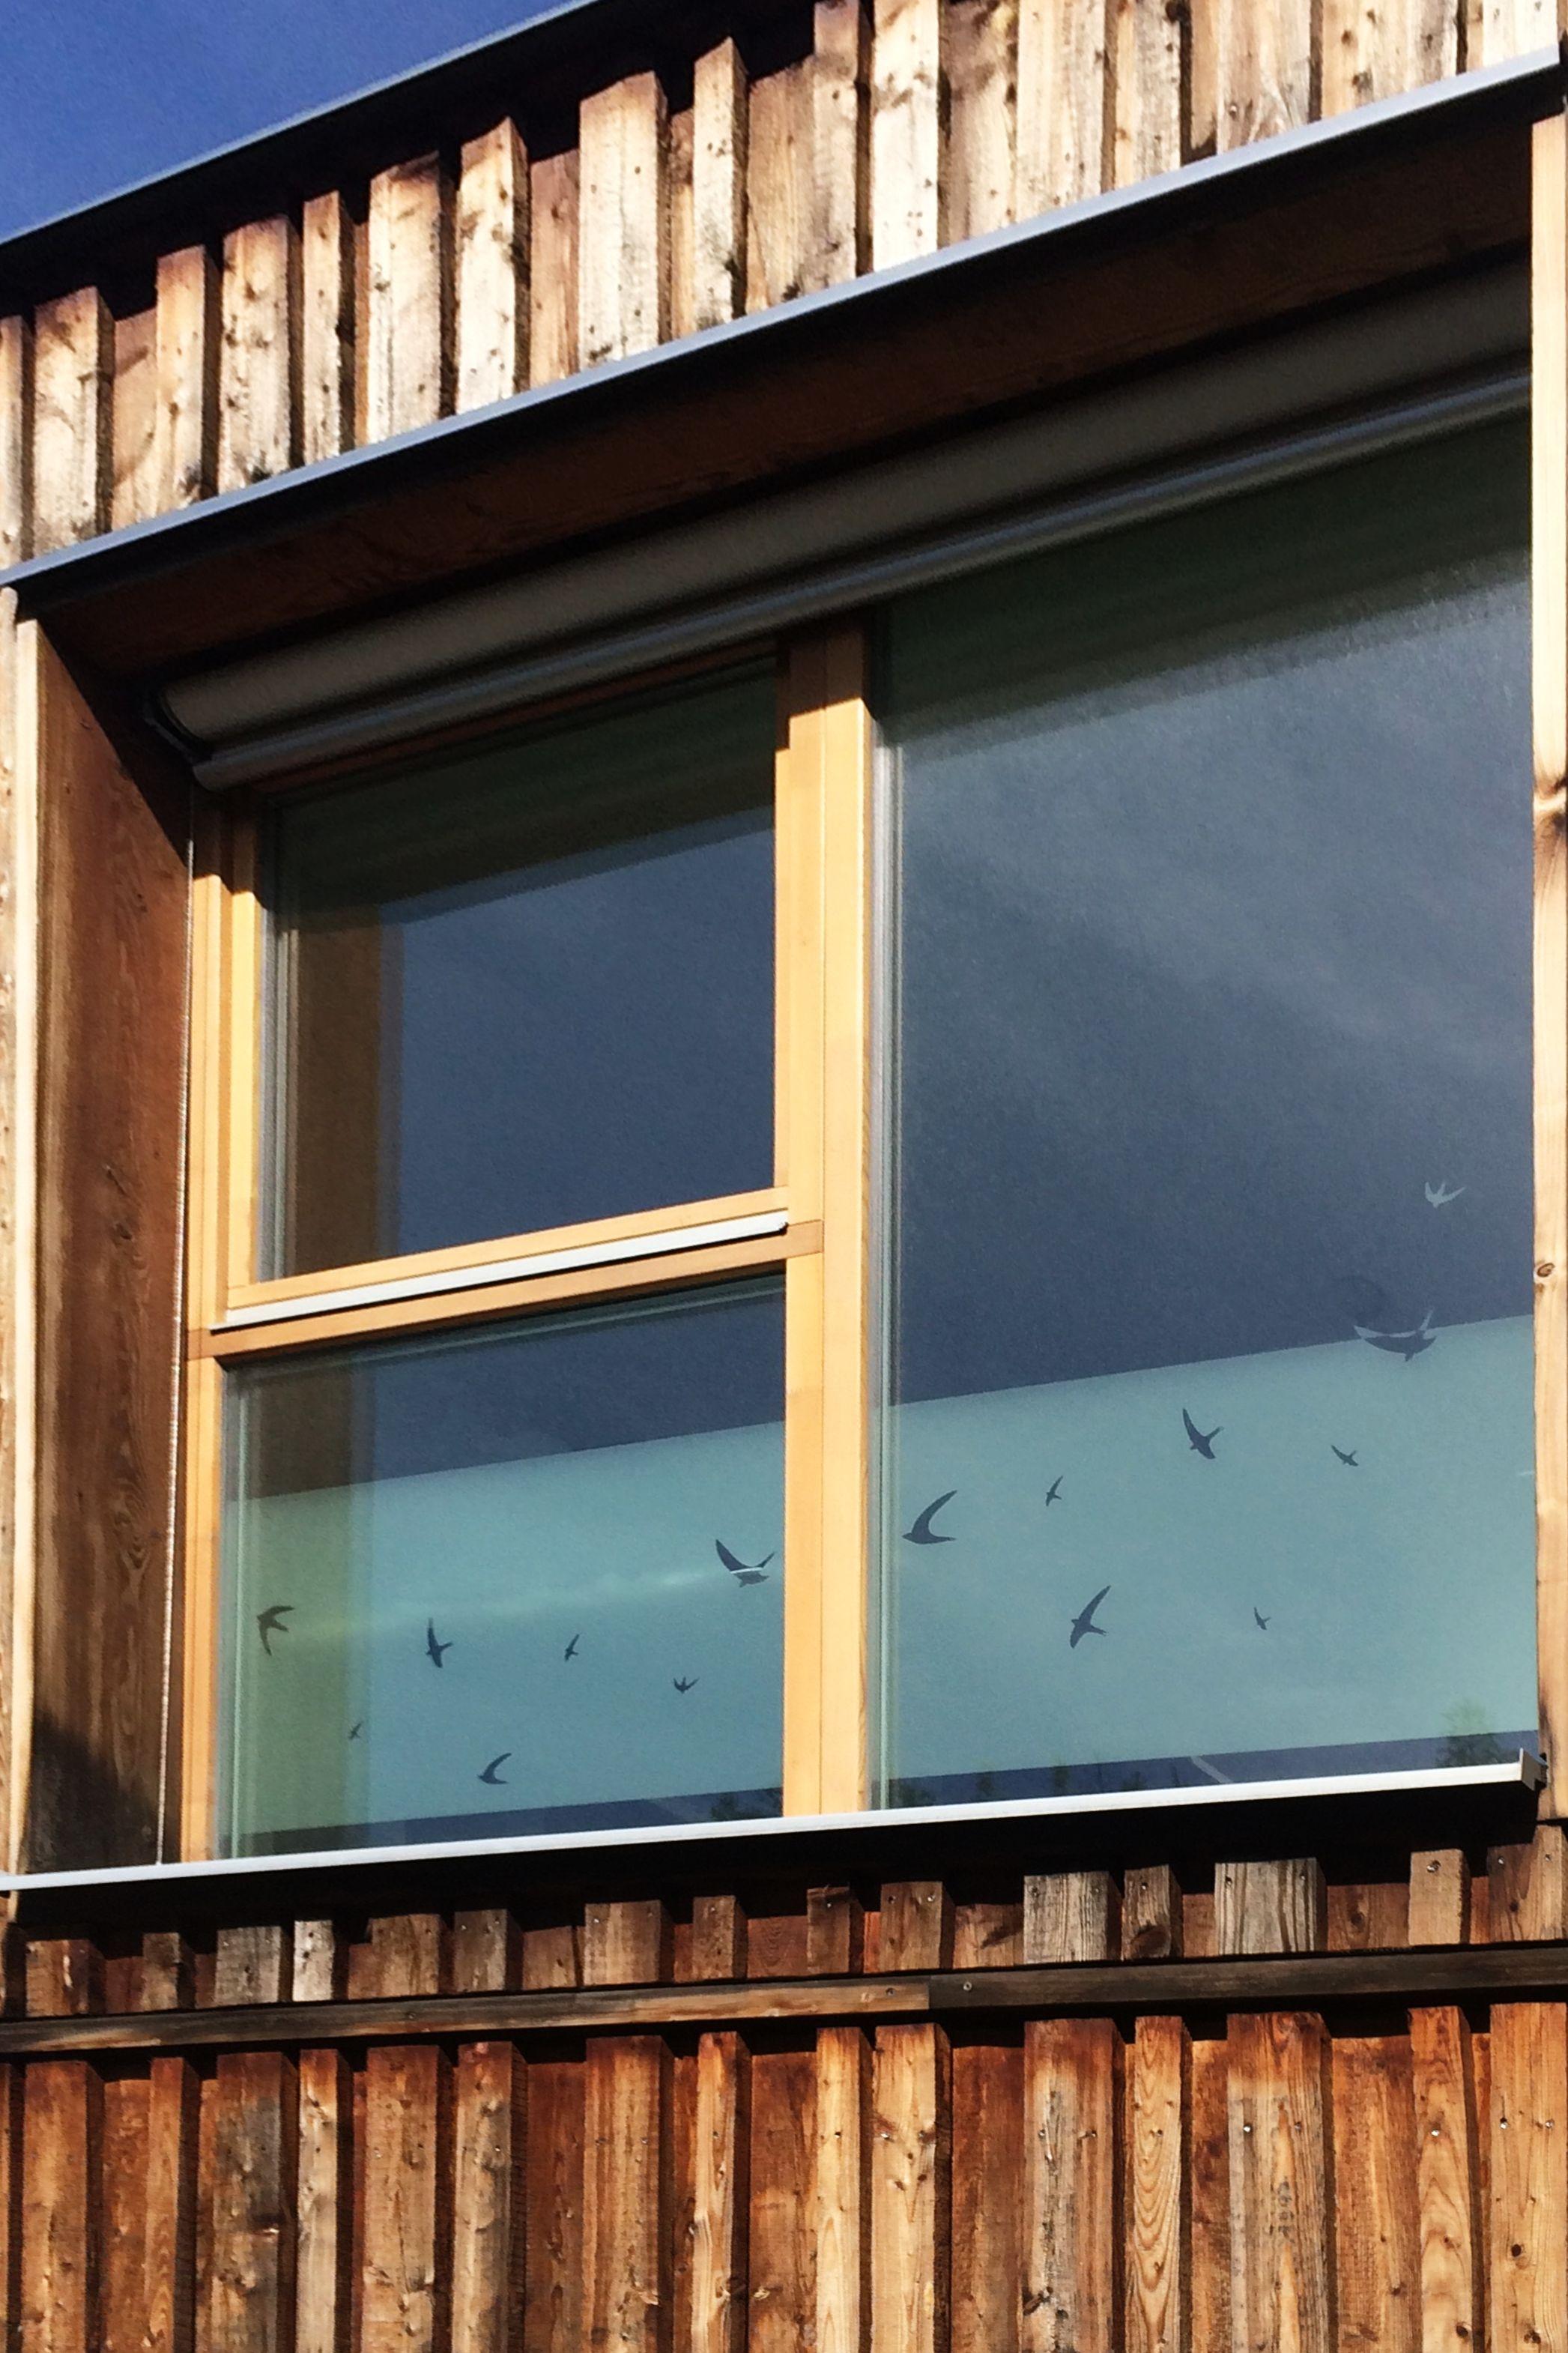 Fensterfolie Mit Vogeln Sichtschutz Und Dekoration Fur Fenster